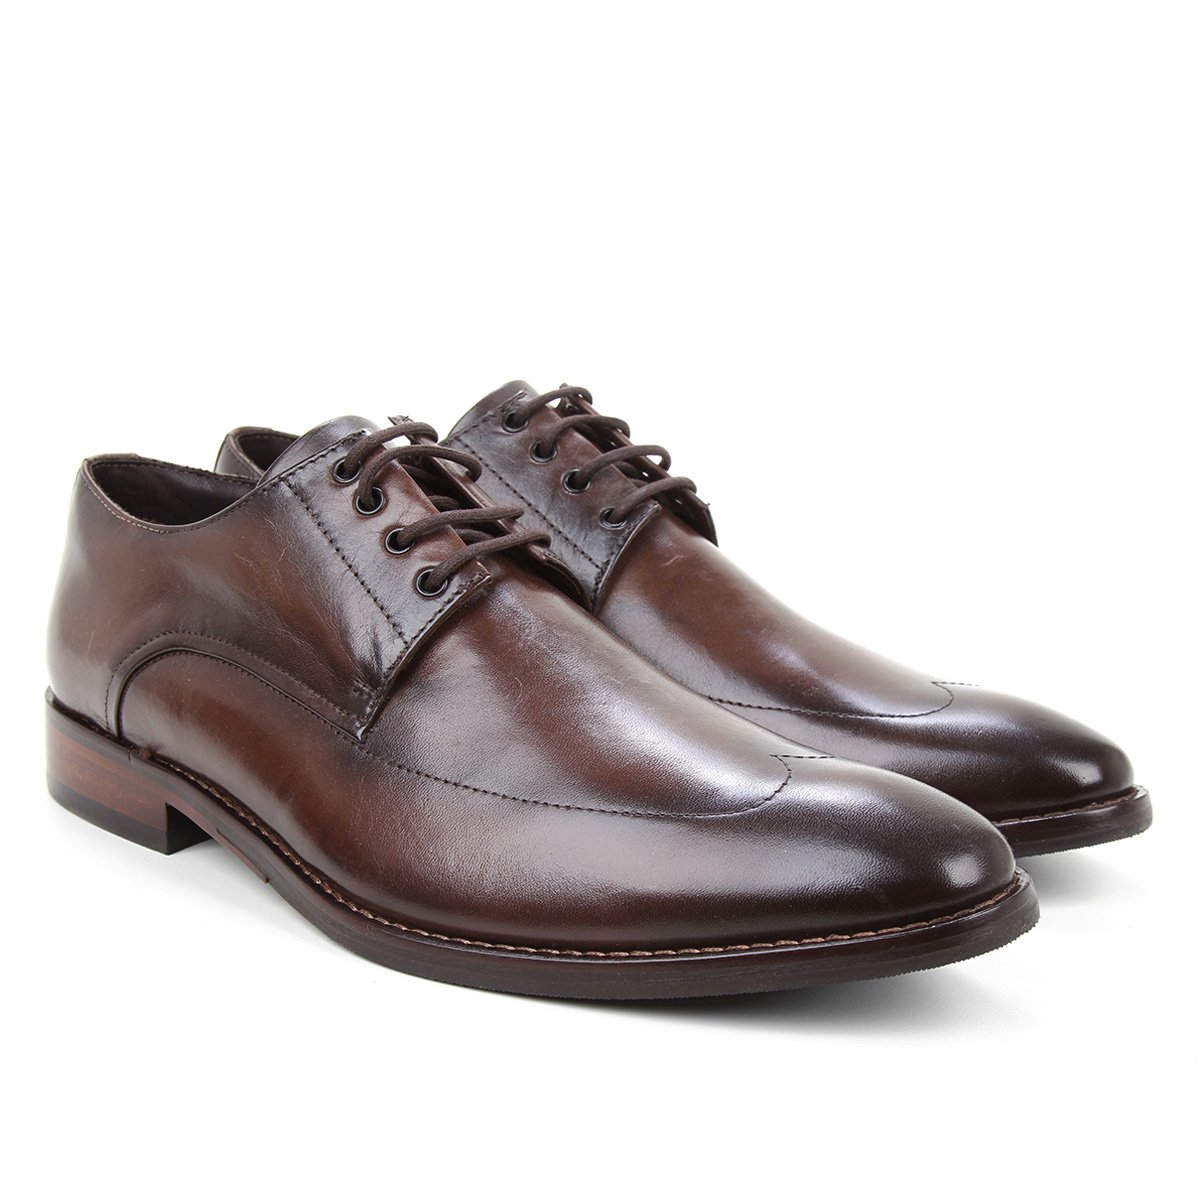 Sapato Social Couro Ferracini Caravagio Masculino